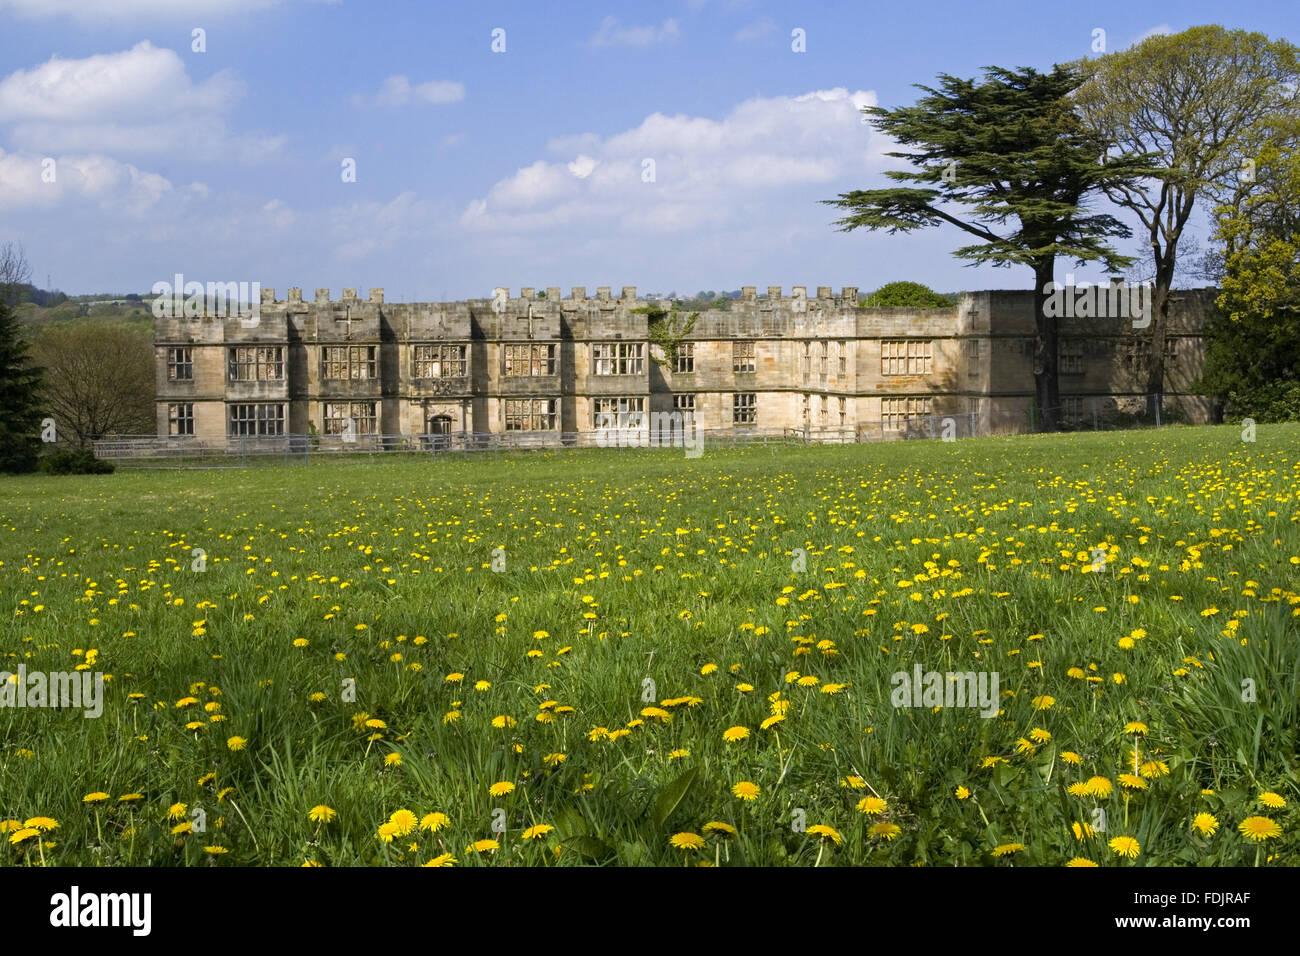 Vue sur une prairie de fleurs sauvages vers le Hall, construit entre 1603 et 1620, avec des modifications à la fois dans les 18e et 19e siècles, à The Green Lawns, Newcastle upon Tyne. George Bowes a hérité de la succession en 1722 et les motifs paysagers autour de Gibside Hall. Banque D'Images